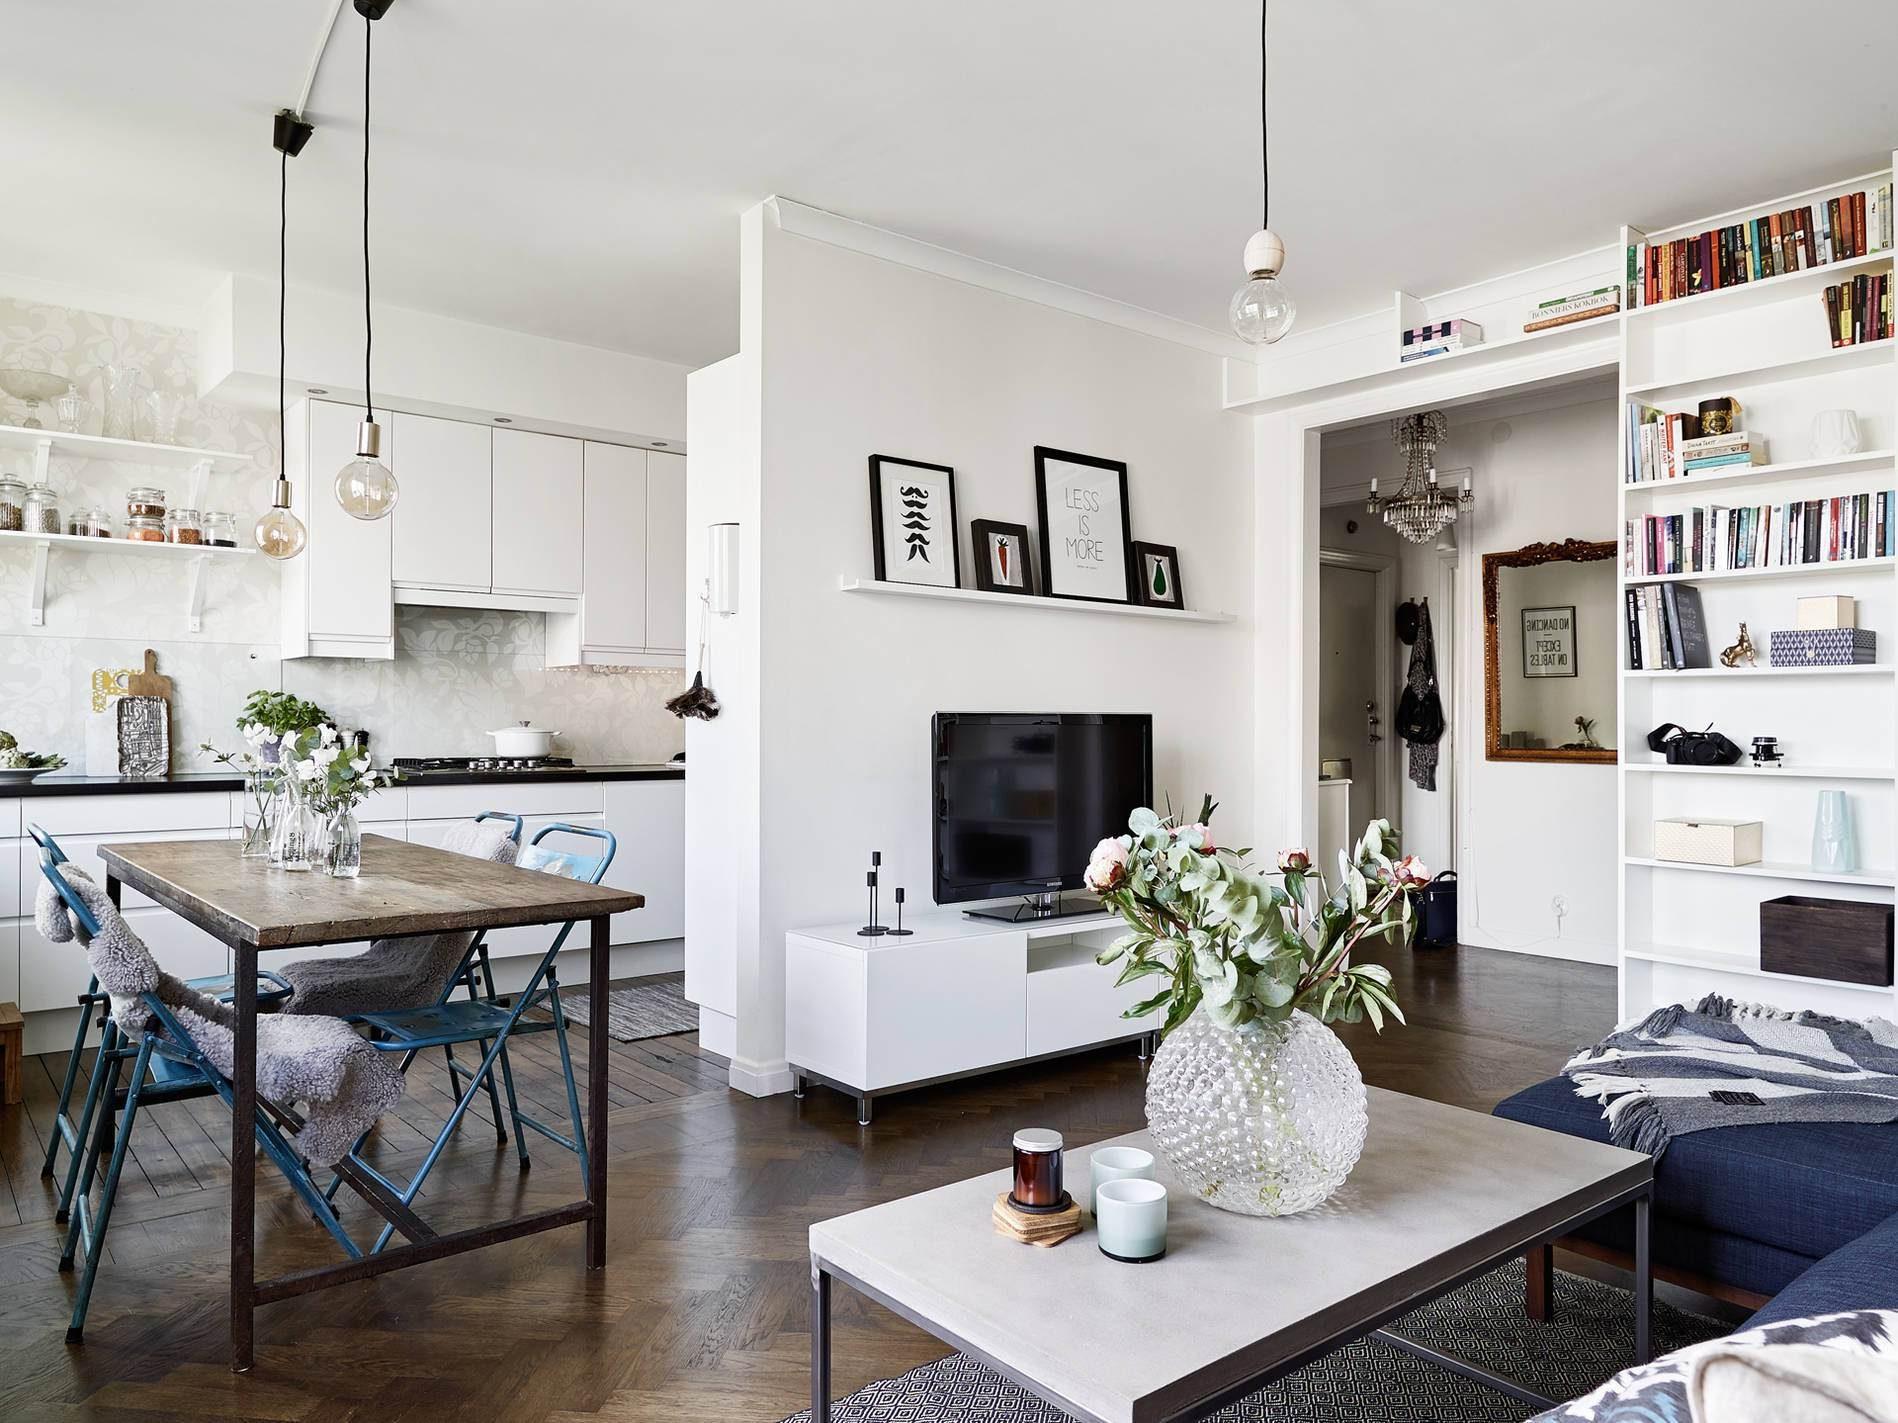 Ristrutturazione Casa Costi Napoli ristrutturazione a secco: come rinnovare casa in modo rapido